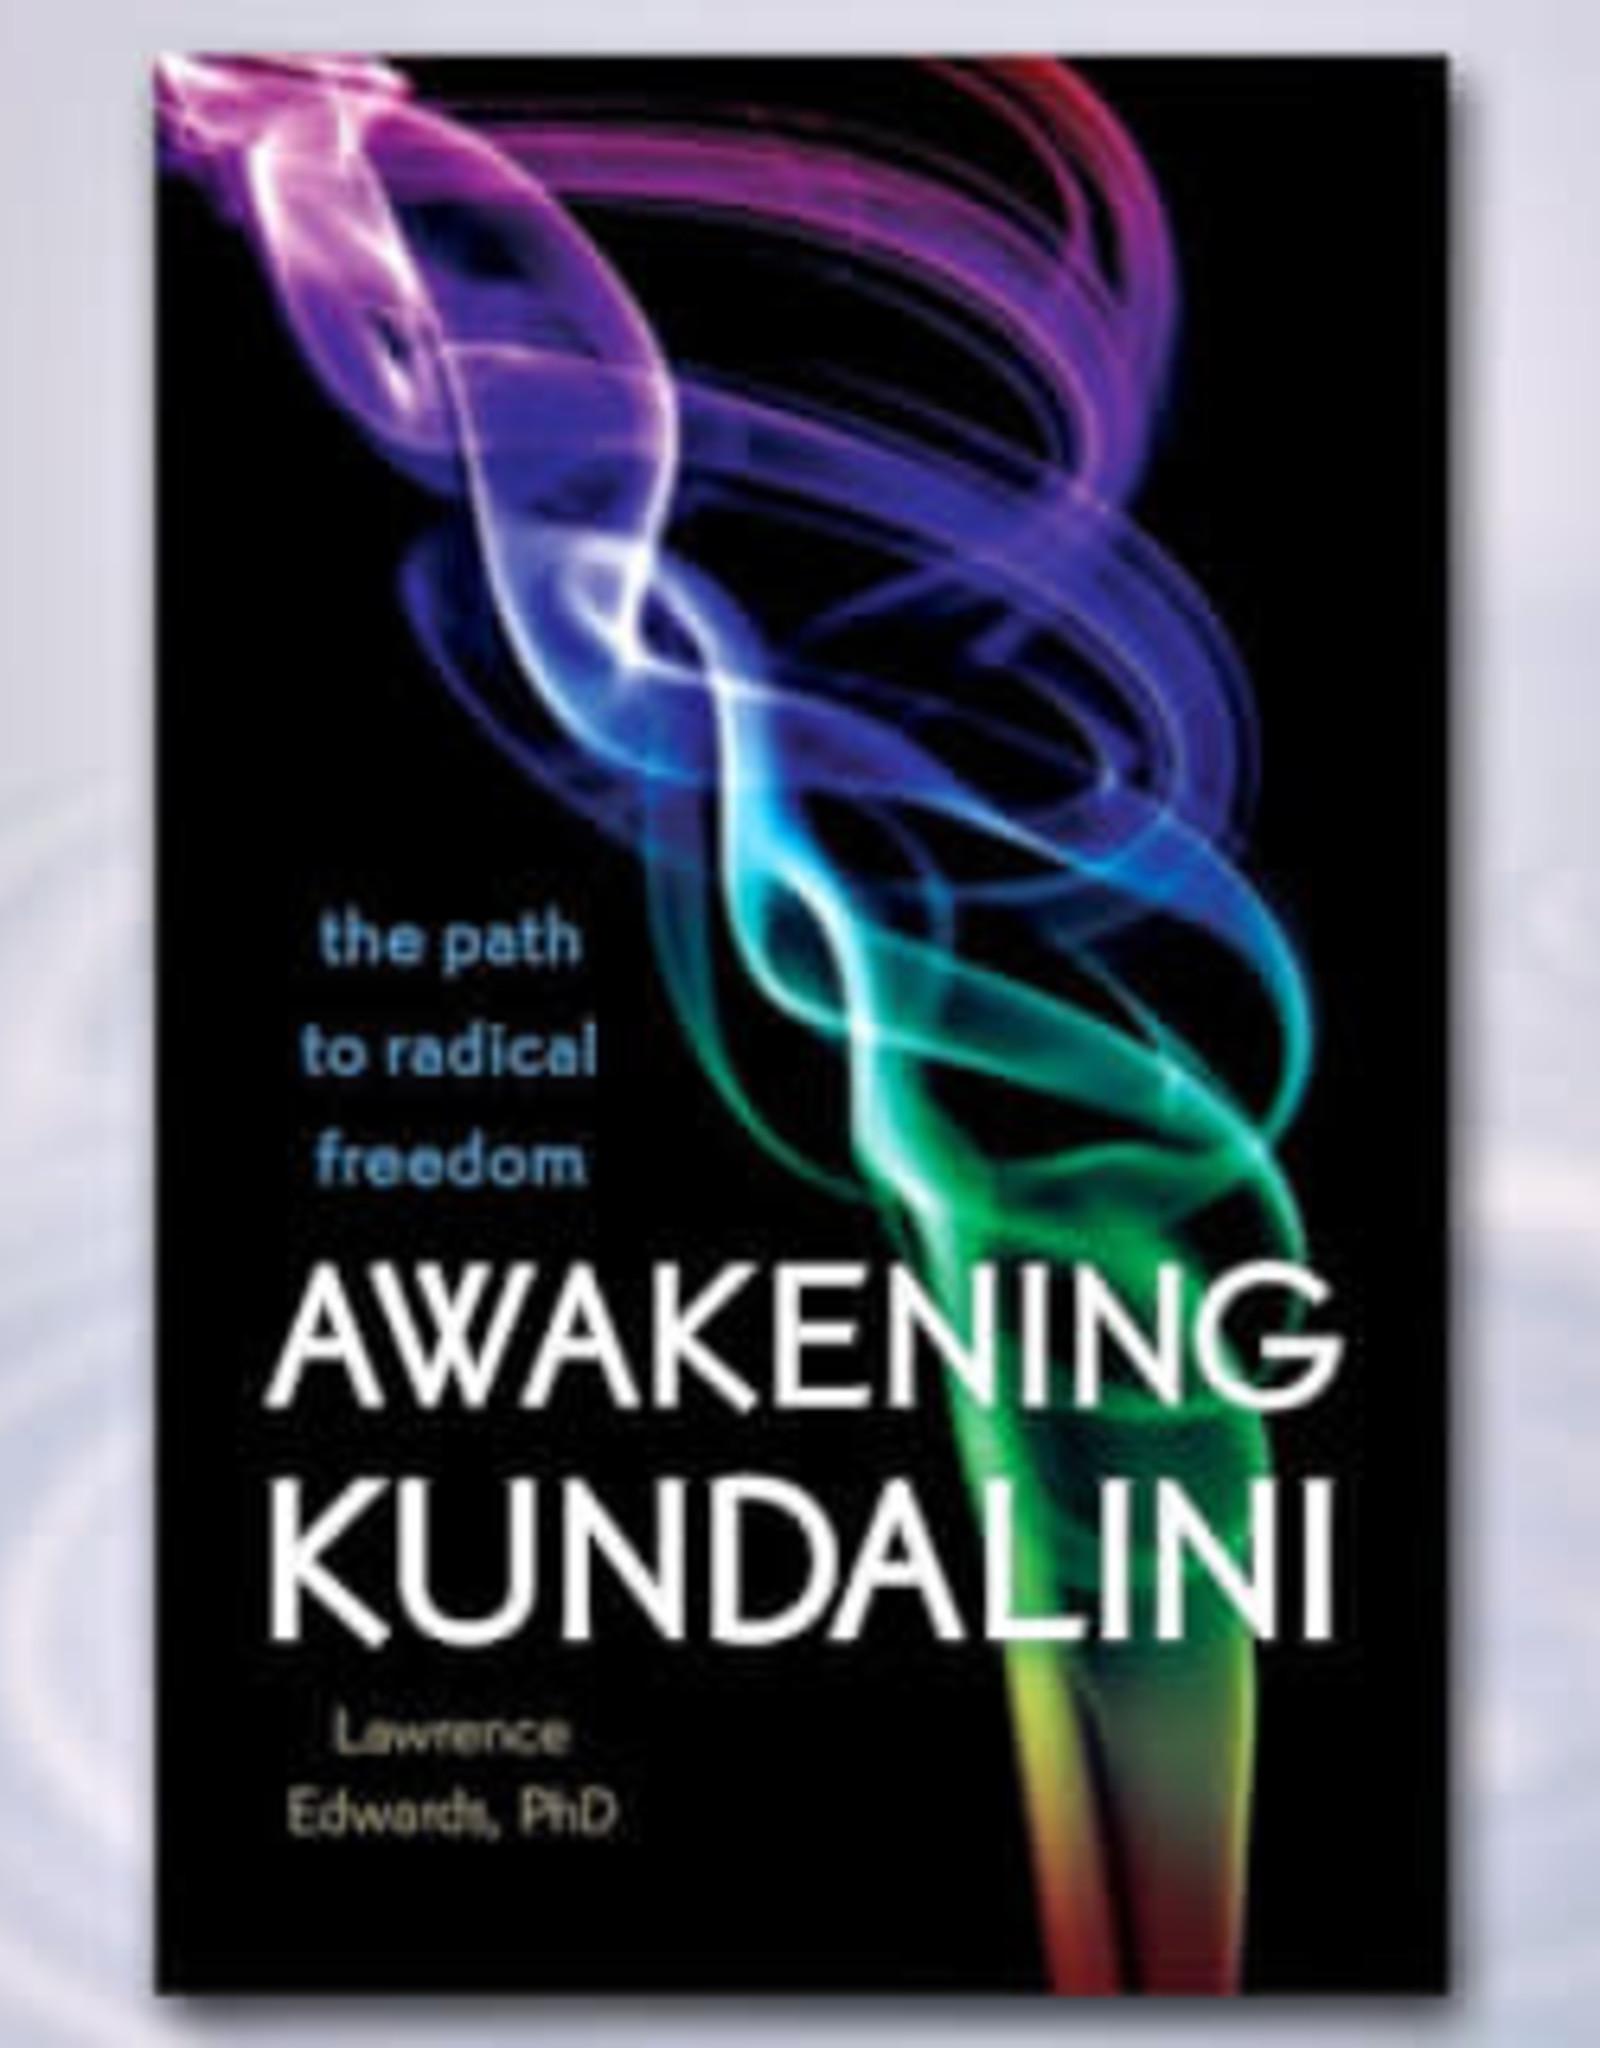 Lawrence Edwards Awakening Kundalini by Lawrence Edwards